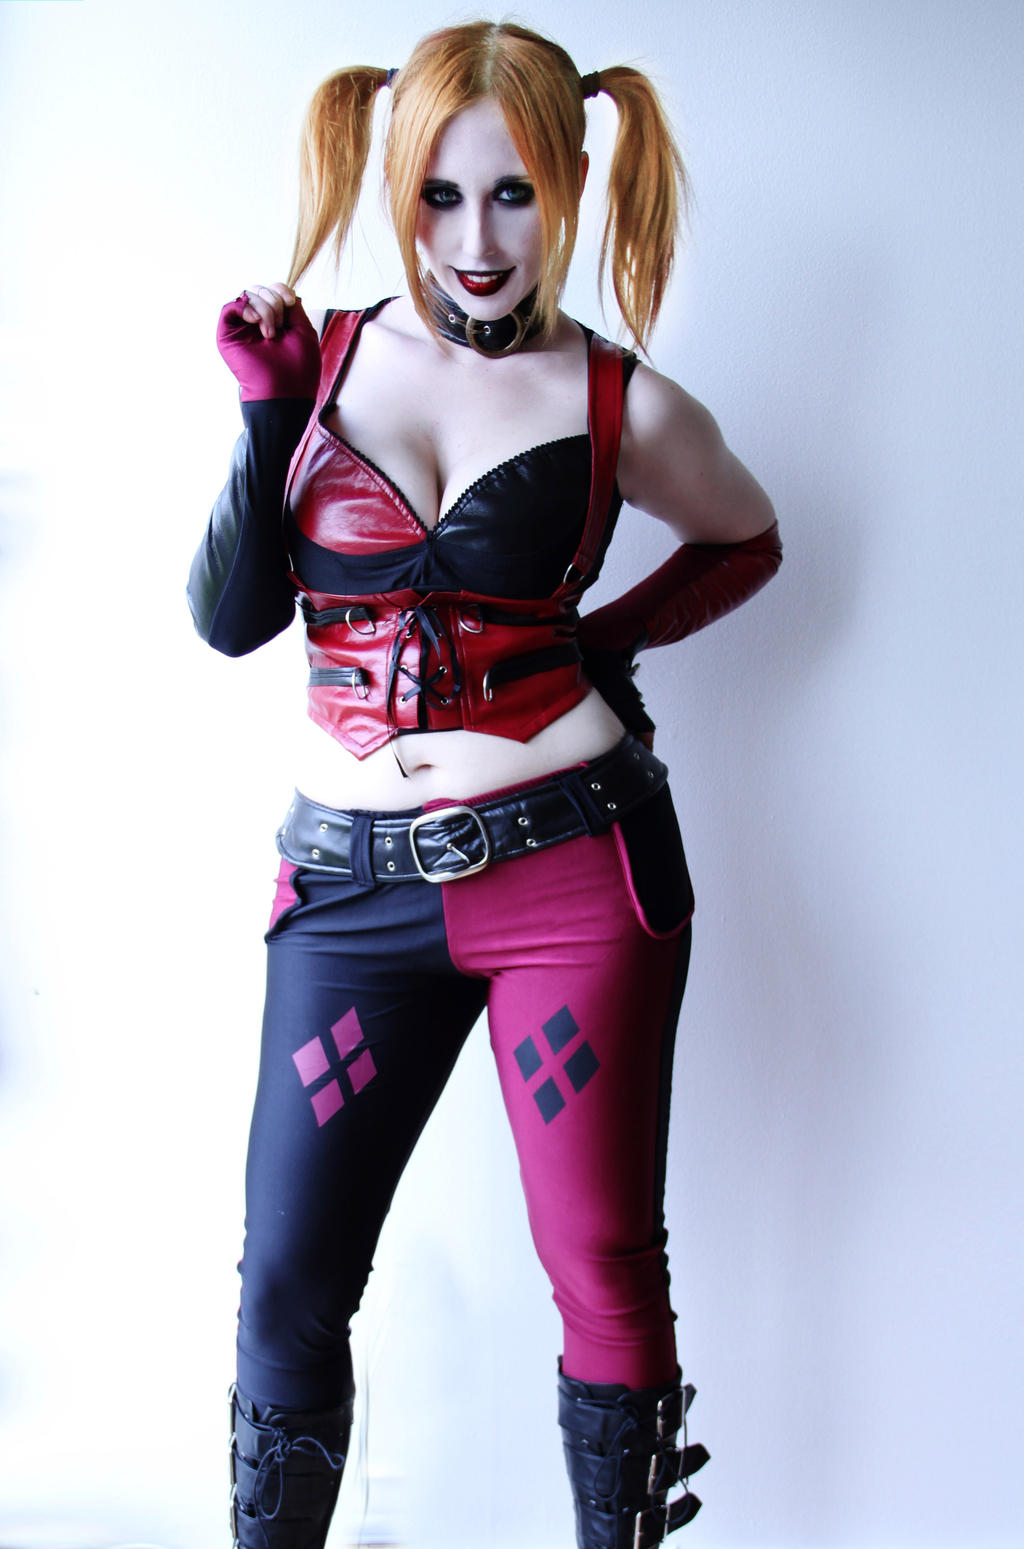 Because it's Harley Quinn by Stephanie-van-Rijn